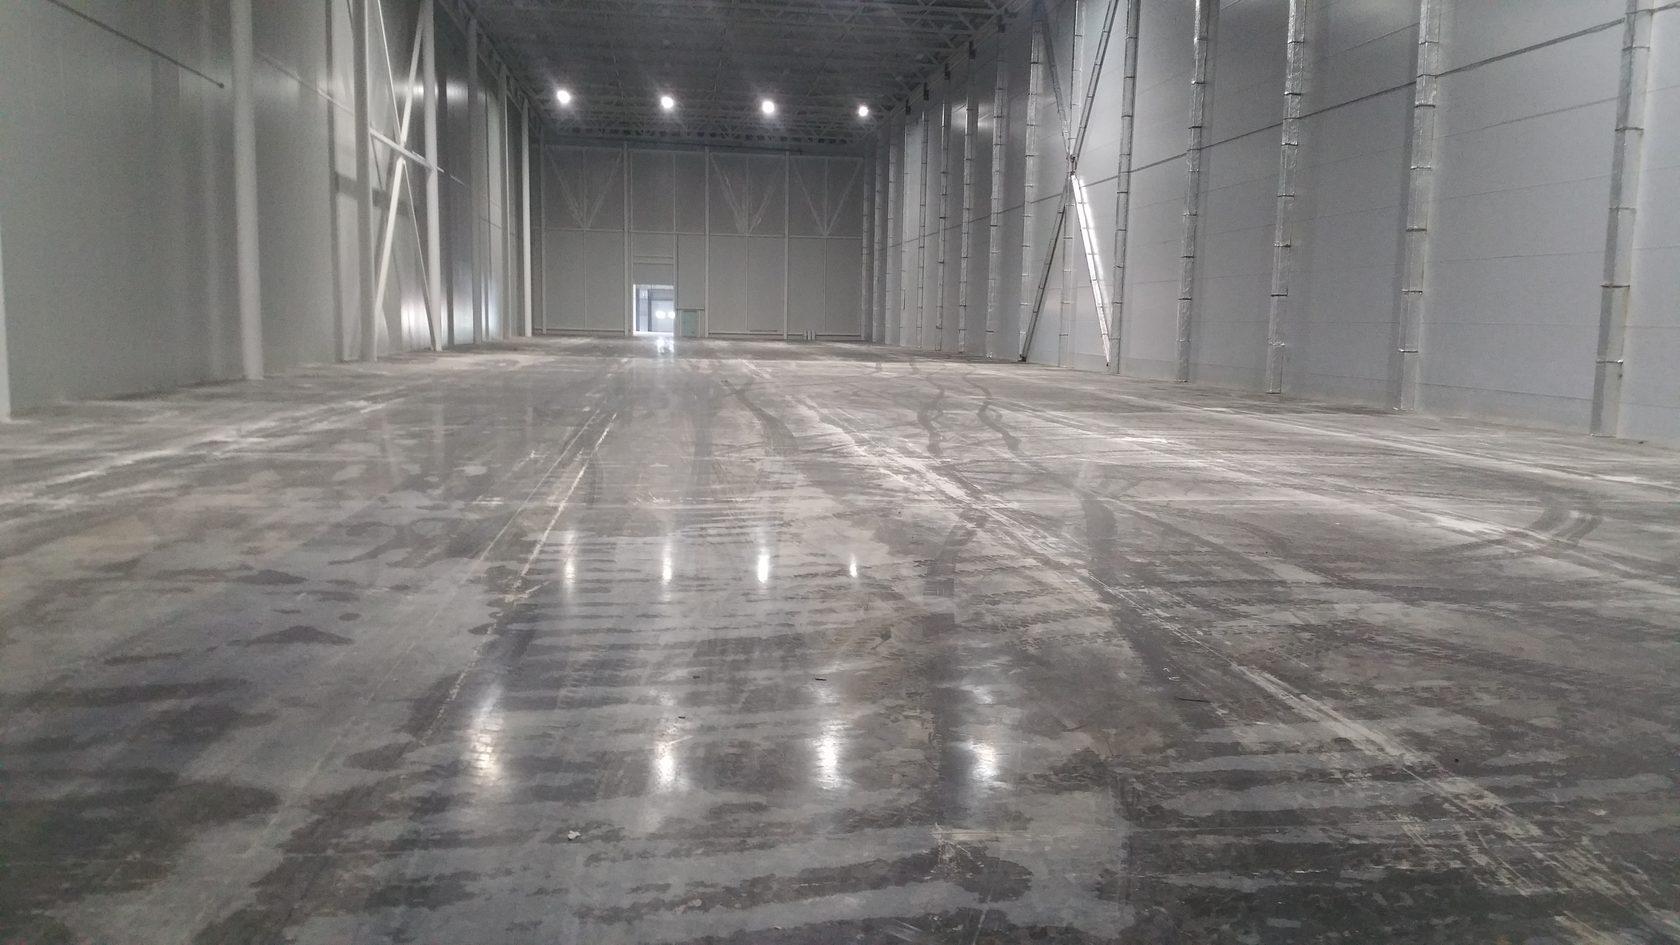 Средства по уходу за бетонным полом от компании Базис